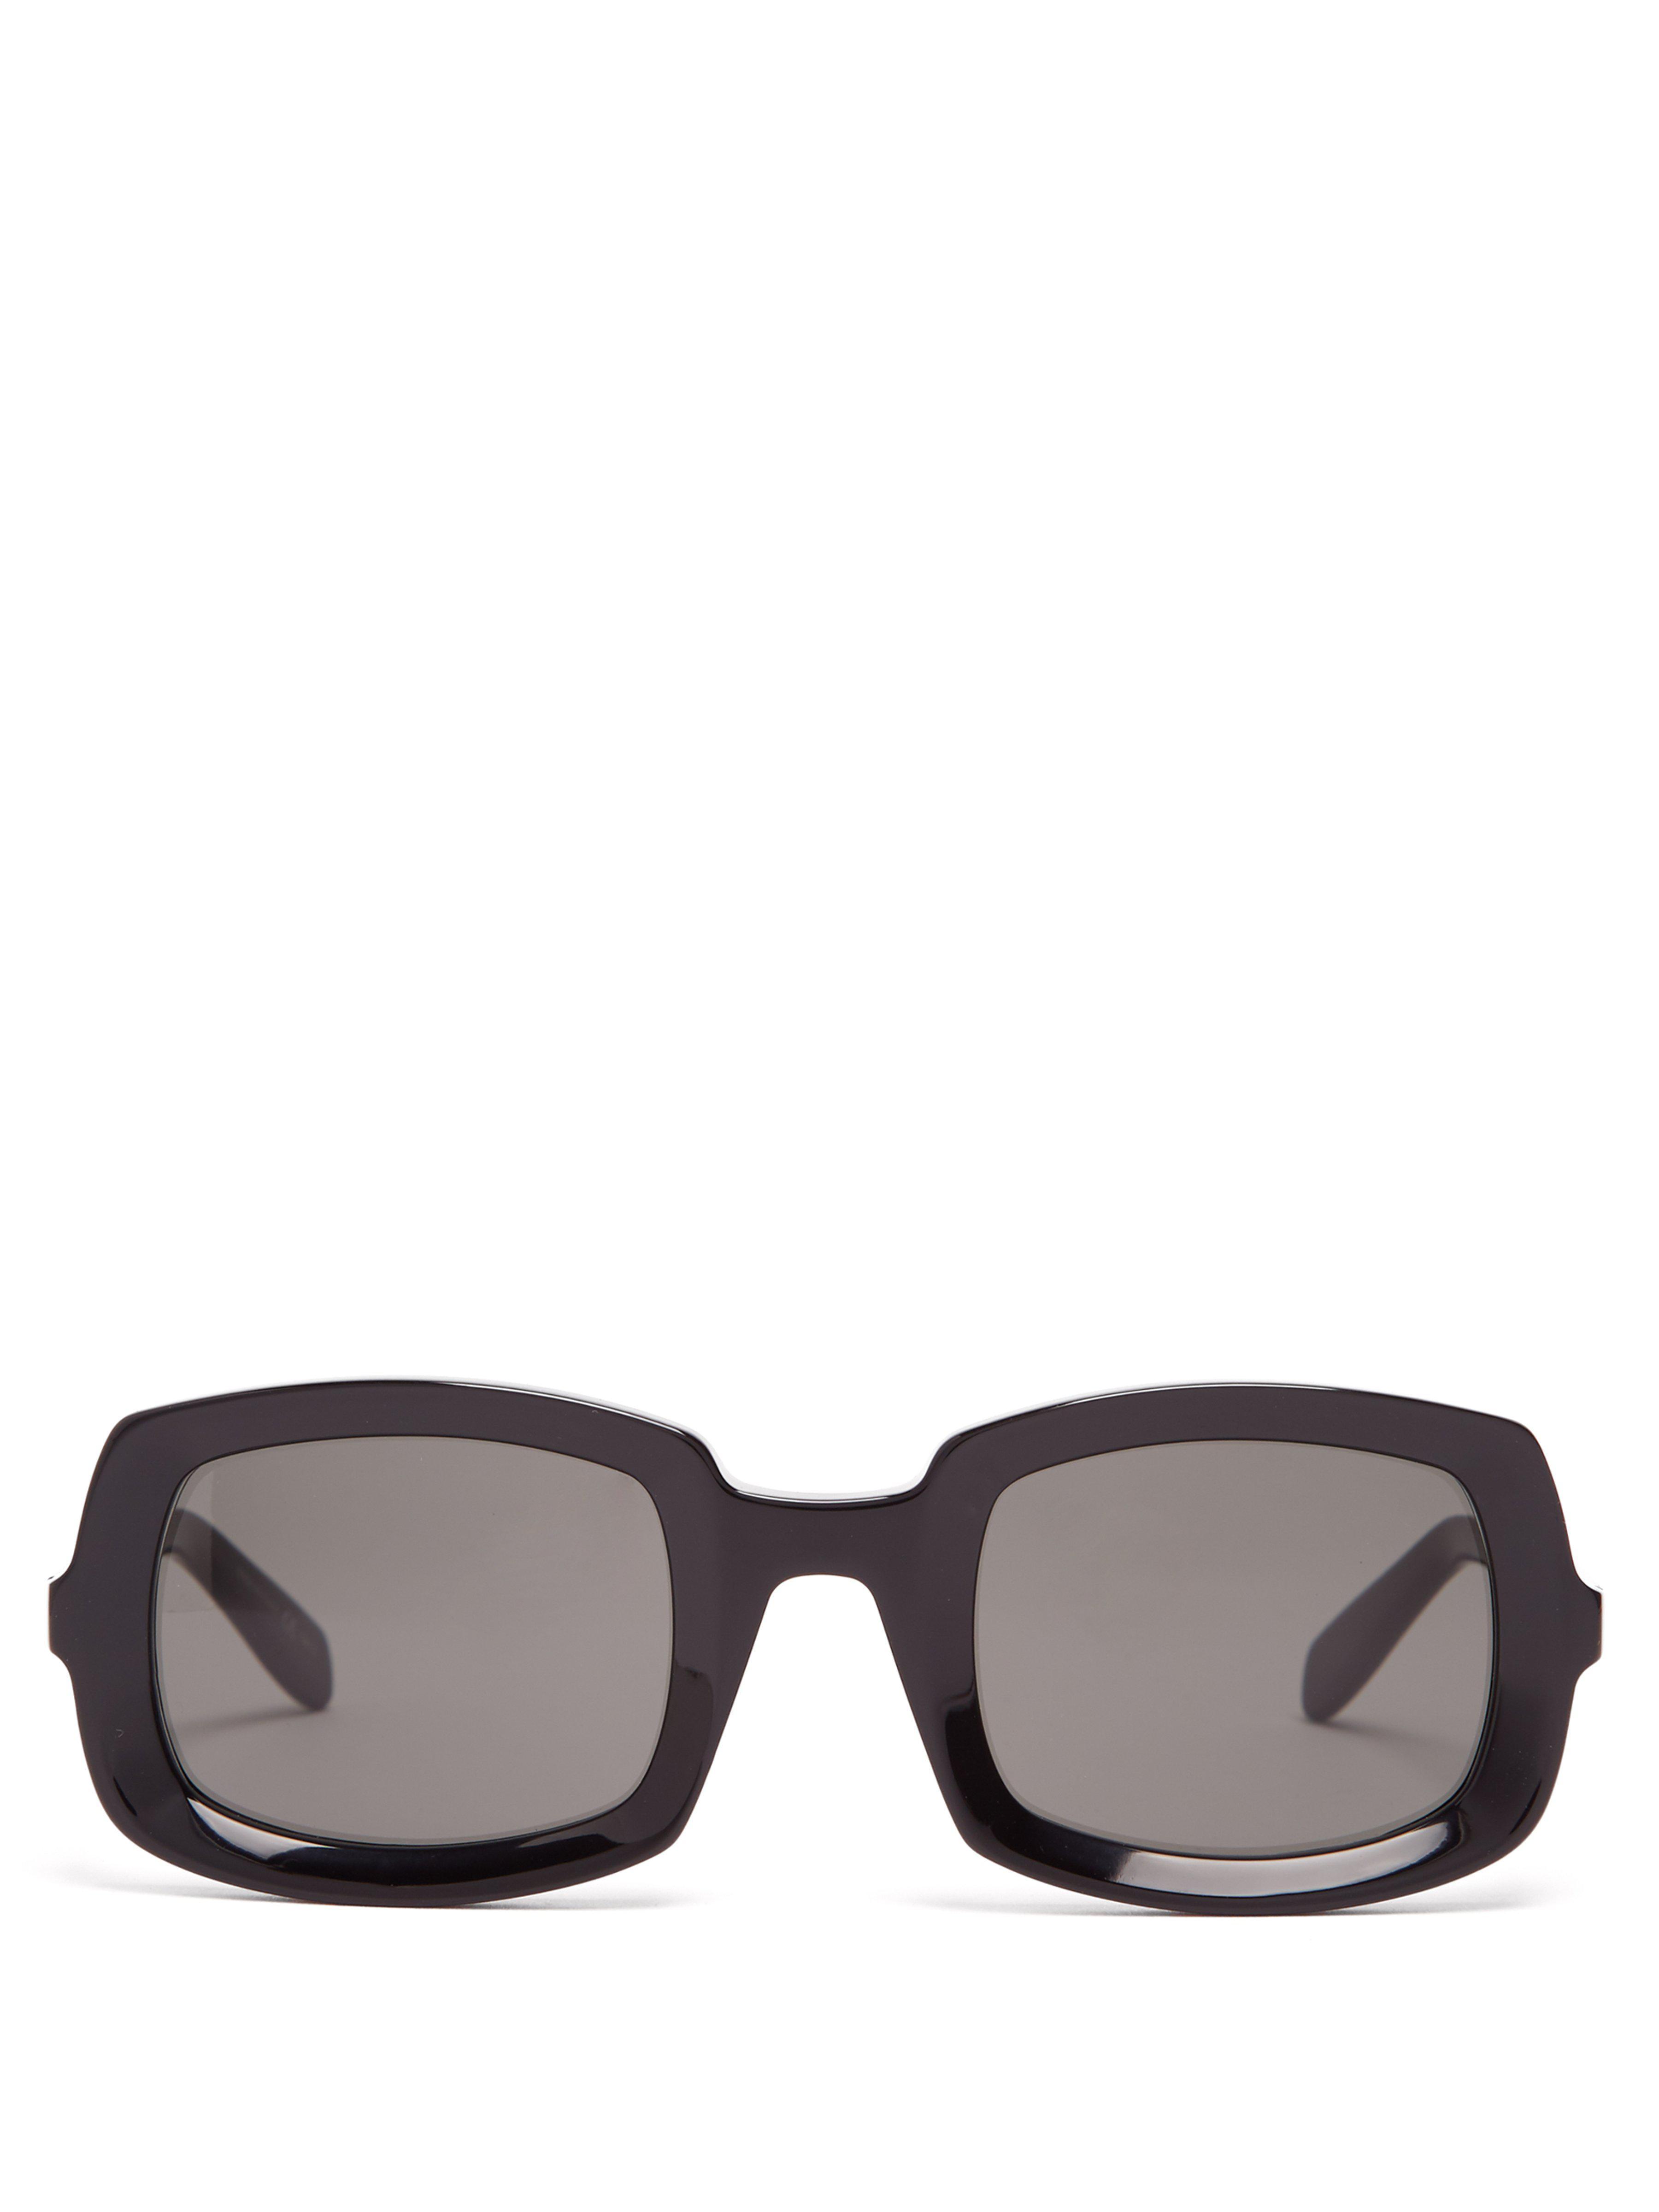 1052b177de Saint Laurent Square Acetate Sunglasses in Black for Men - Lyst